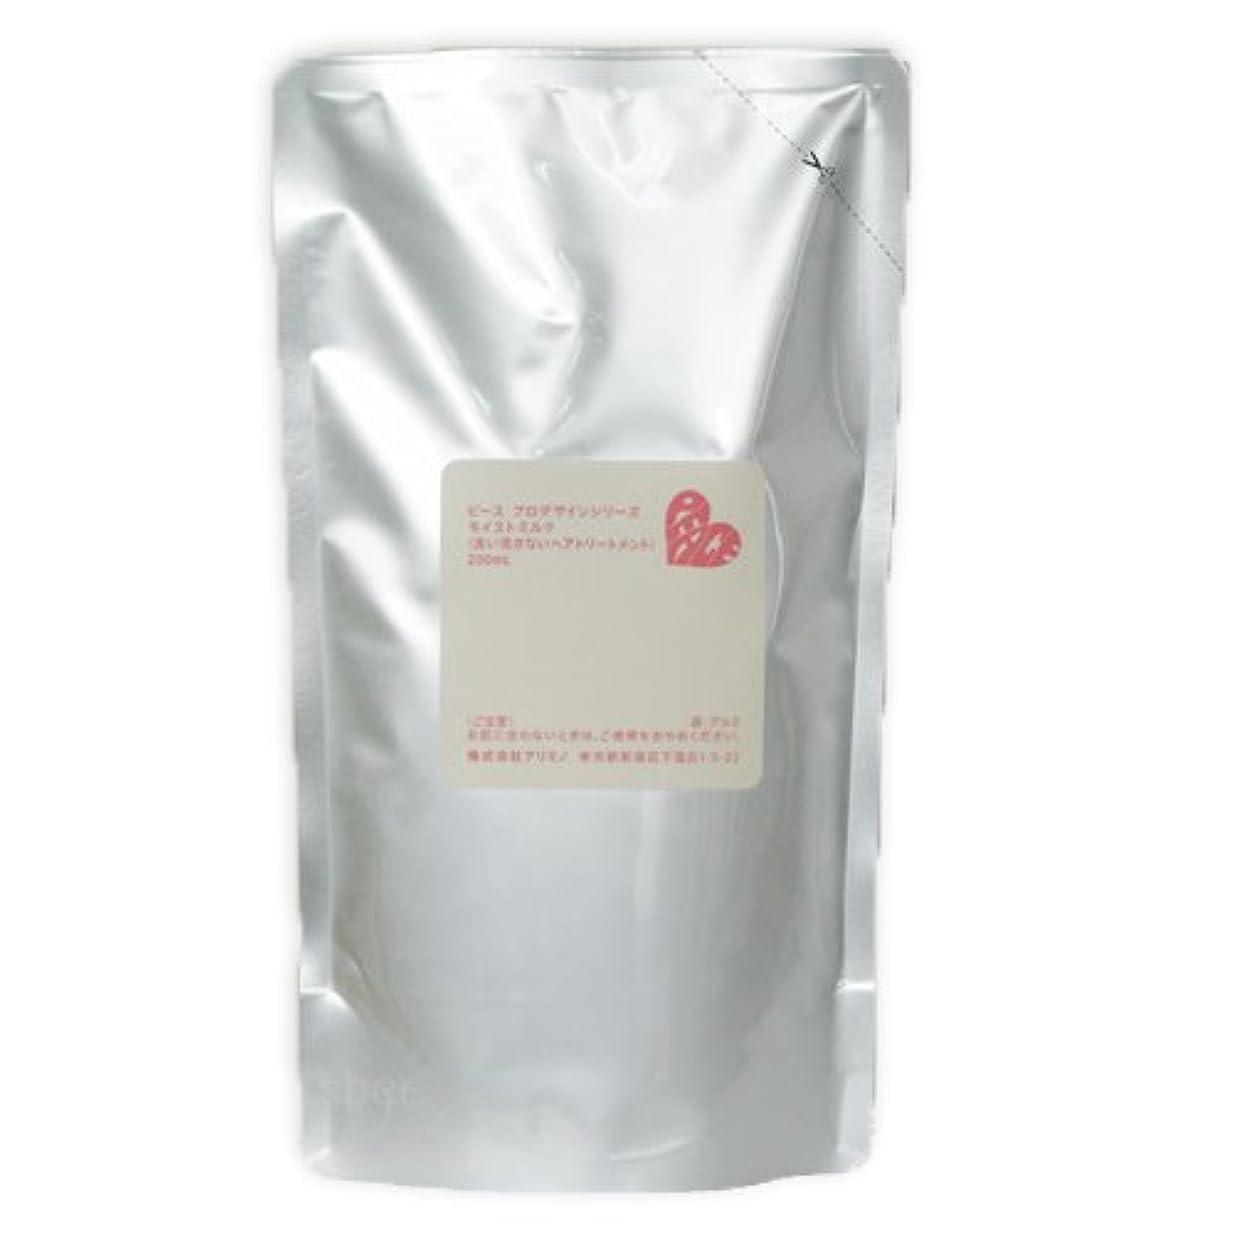 アリミノ ピース モイストミルク バニラ 200mL 詰め替え リフィル